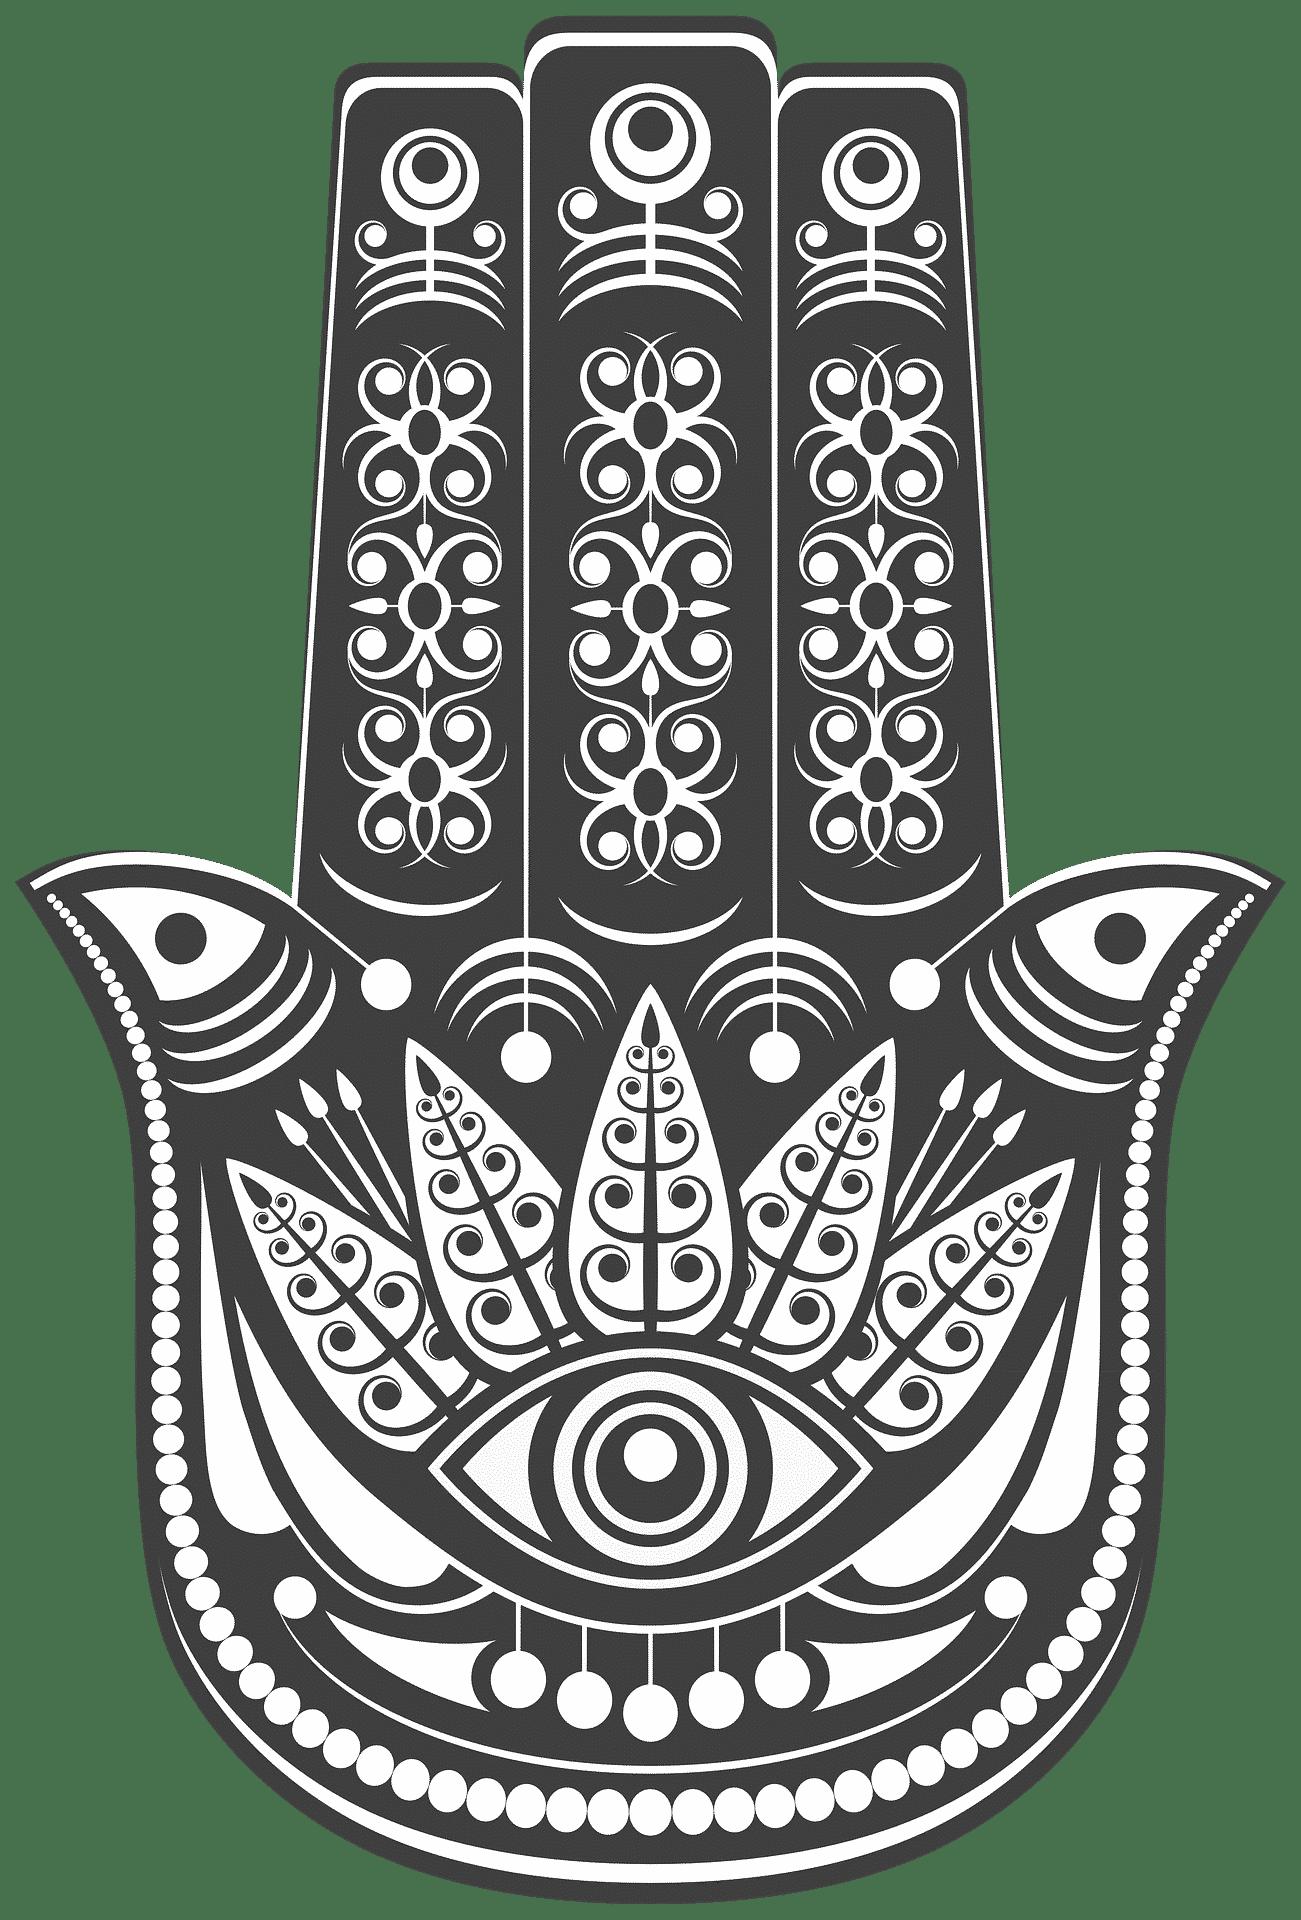 Hamsa Hand Hand der Fatima Illustration schwarz weiß